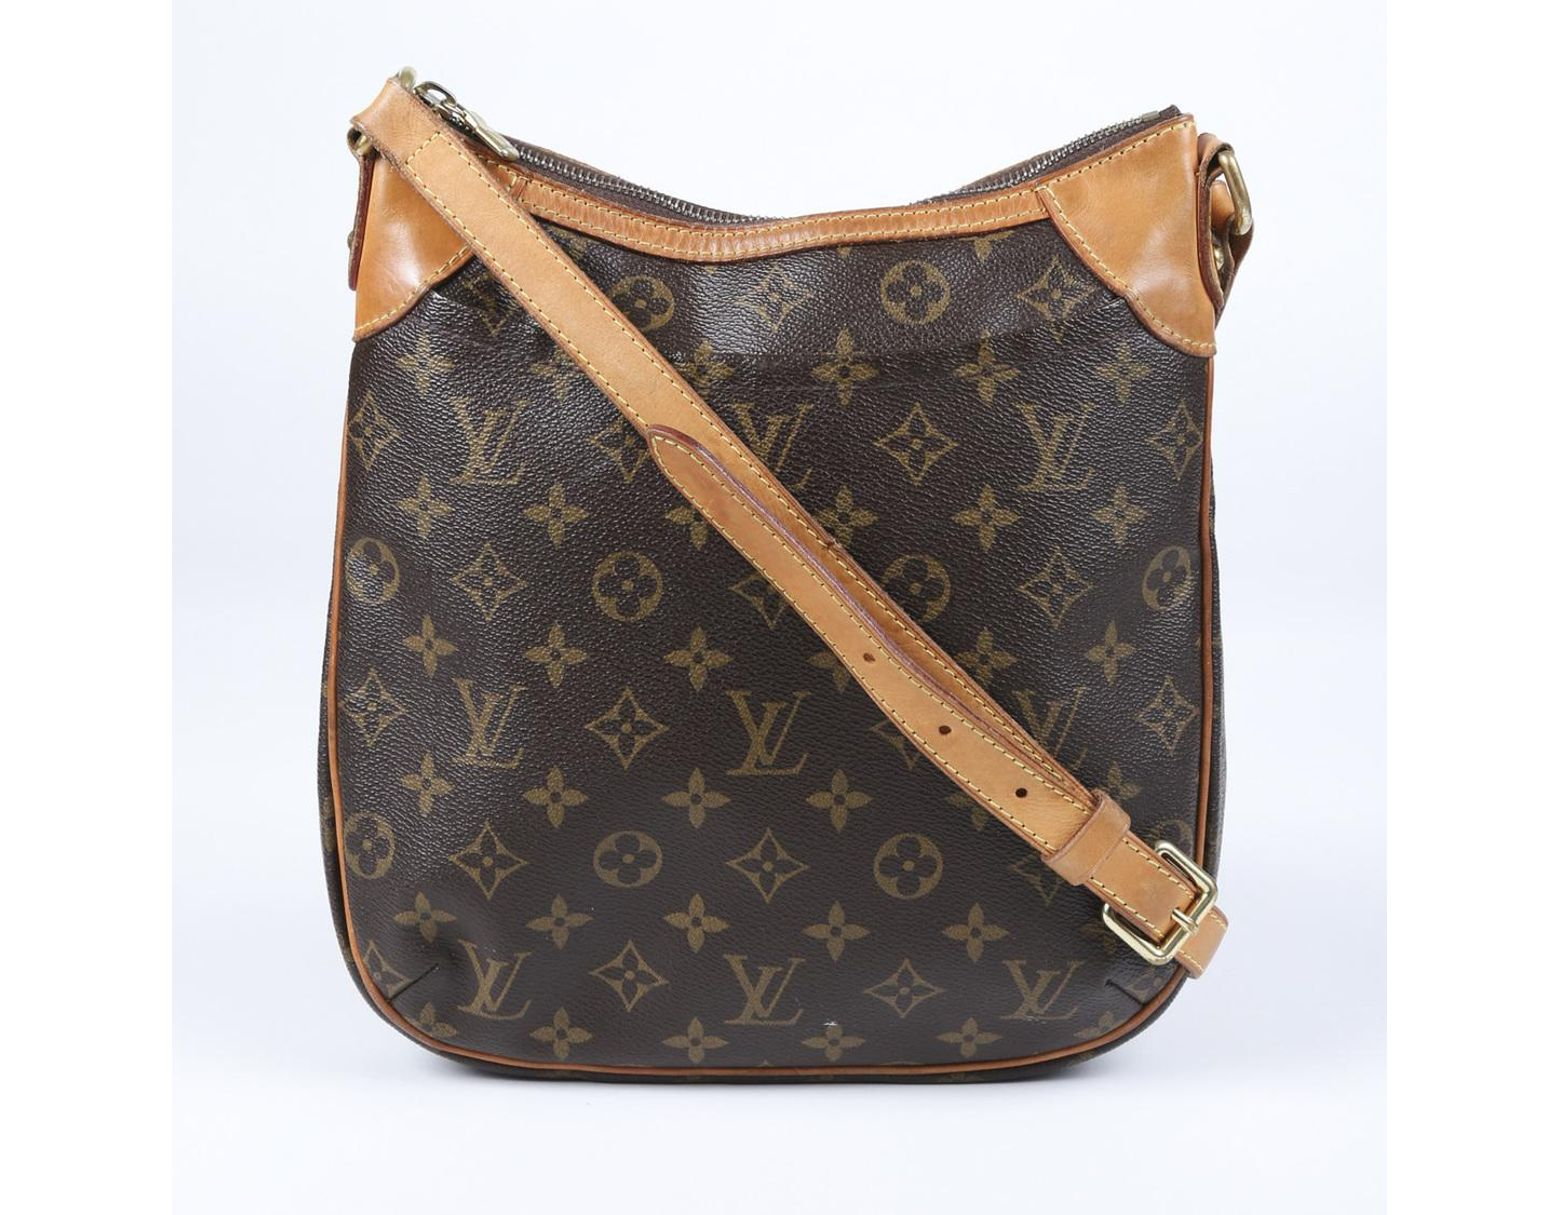 b0ea90b1dda Louis Vuitton Odeon Pm Monogram Crossbody Bag in Brown - Lyst